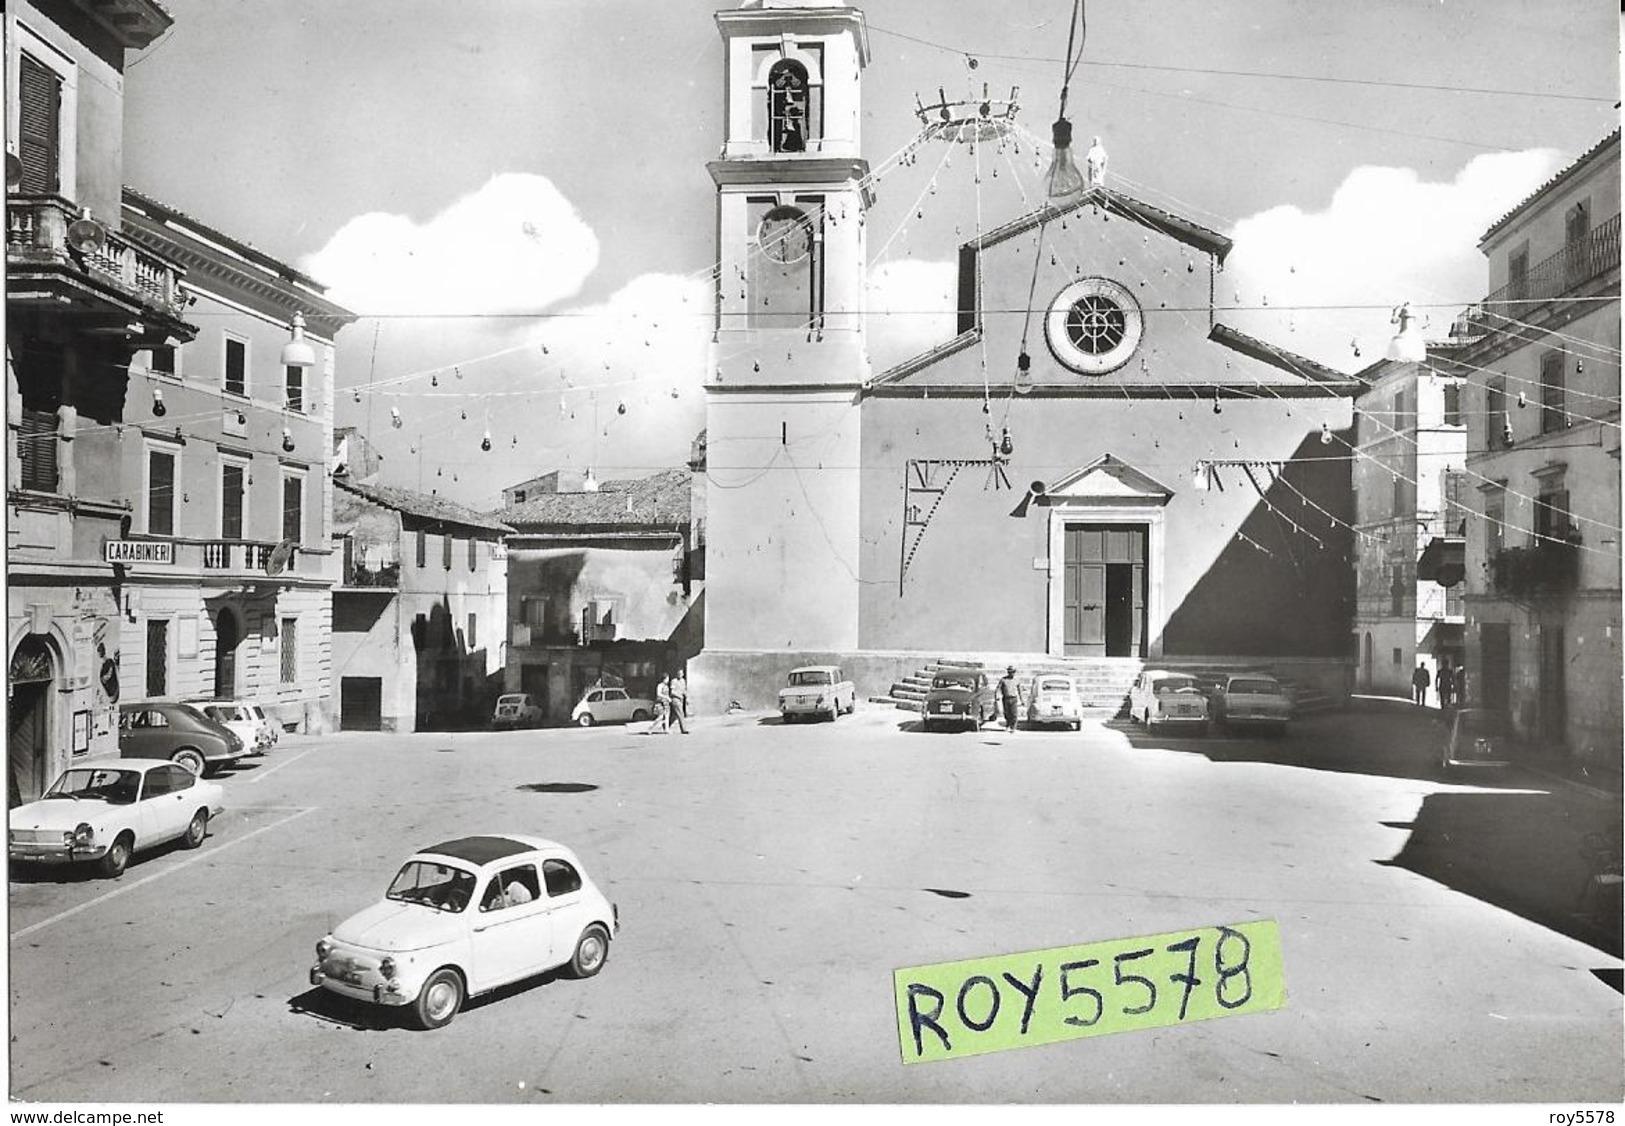 Lazio-roma-fiano Romano Piazza Vittorio Emanuele Veduta Piazza Chiesa Caserma Carabinieri Diverse Auto Epoca Case - Altre Città